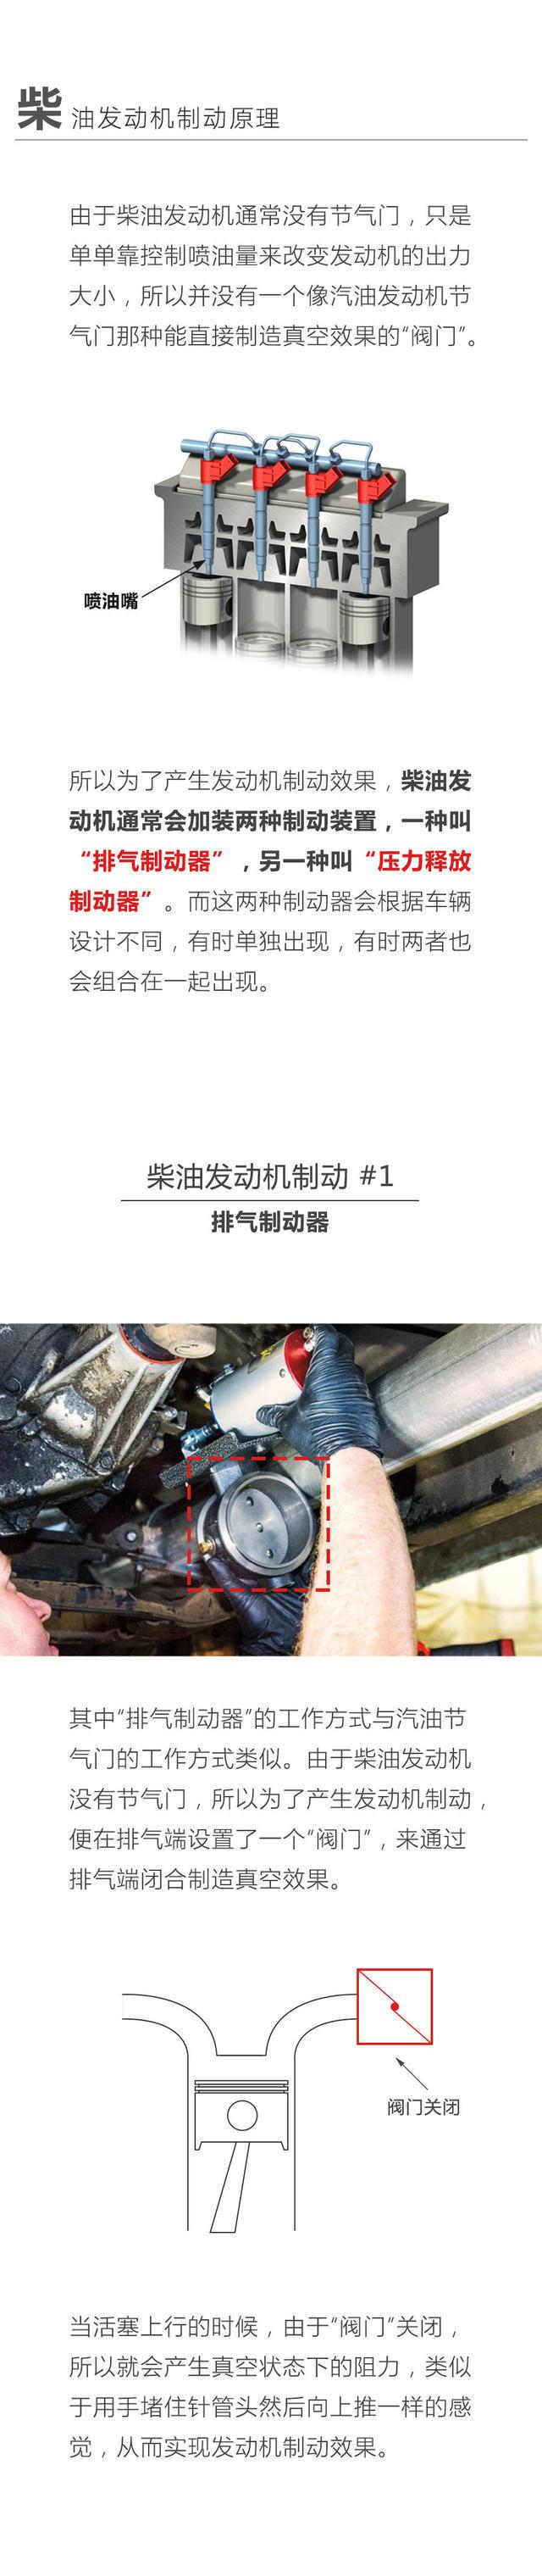 发动机制动原理,汽车发动机